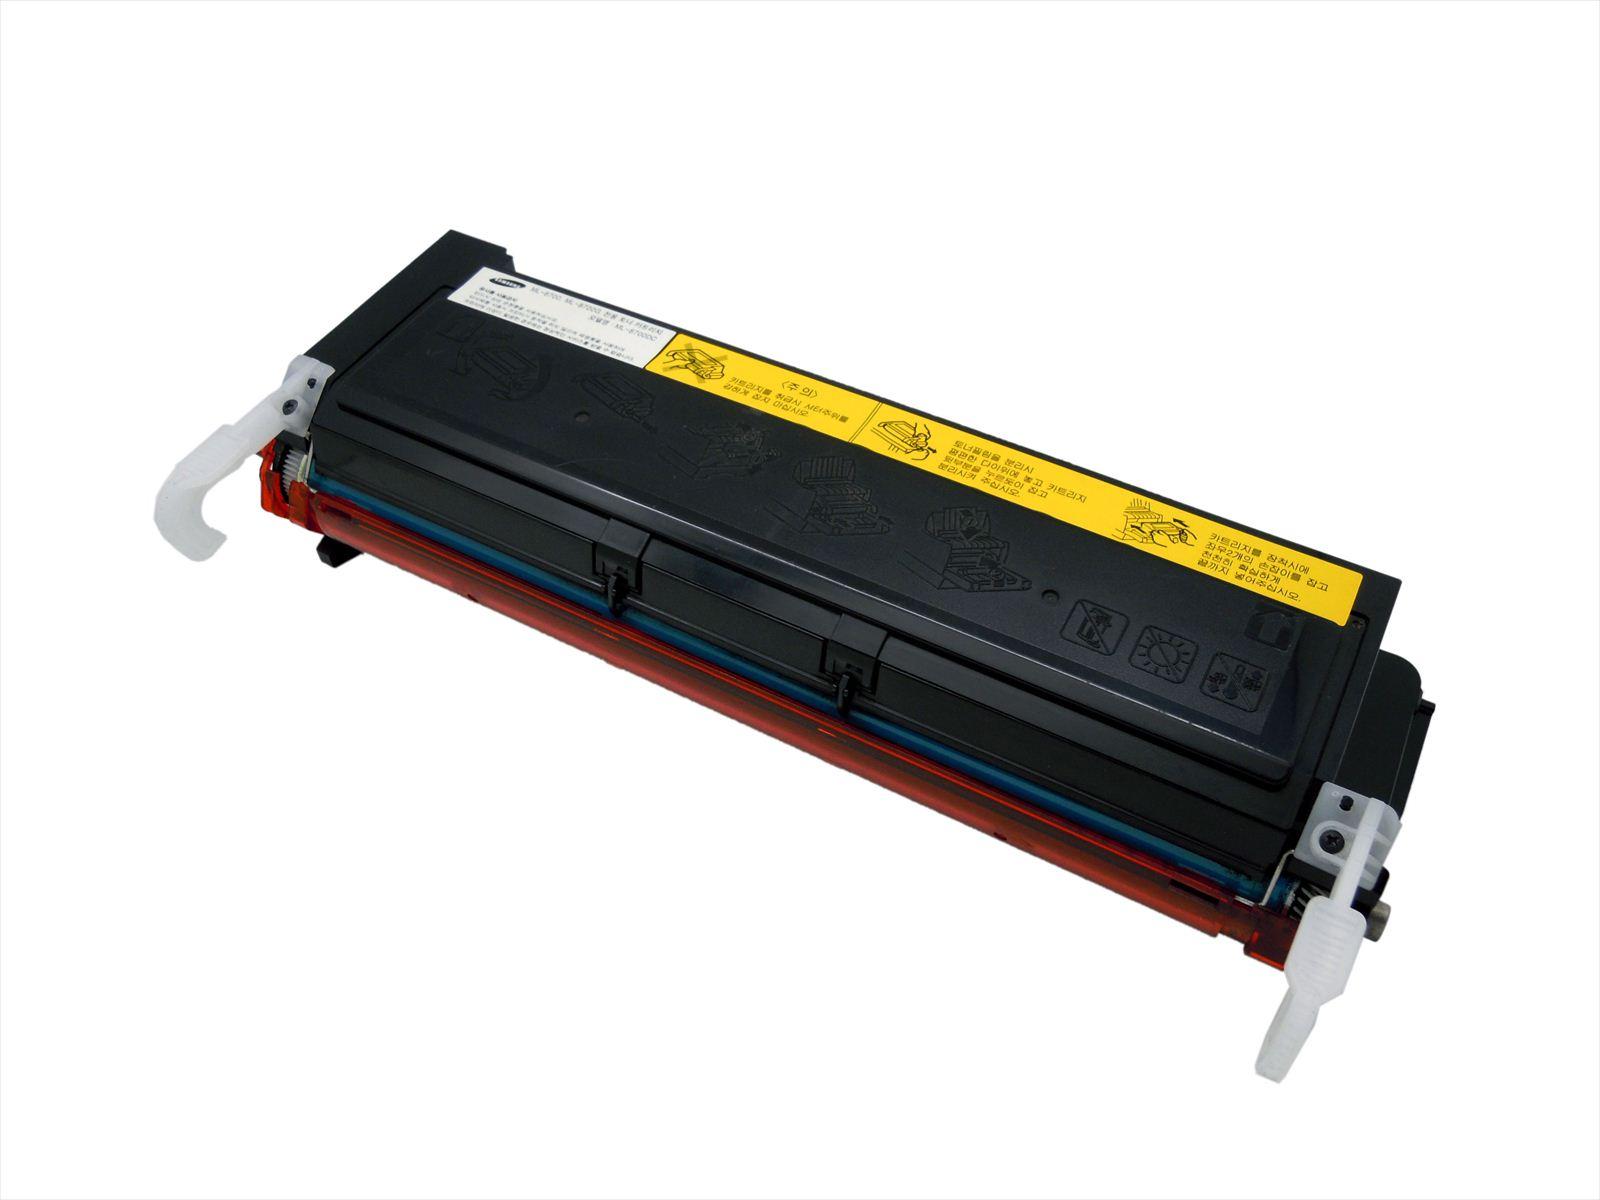 エネックス【Exusiaリサイクル・トナーカートリッジ】NECPR-L2800-11 対応 ENET-2800-11